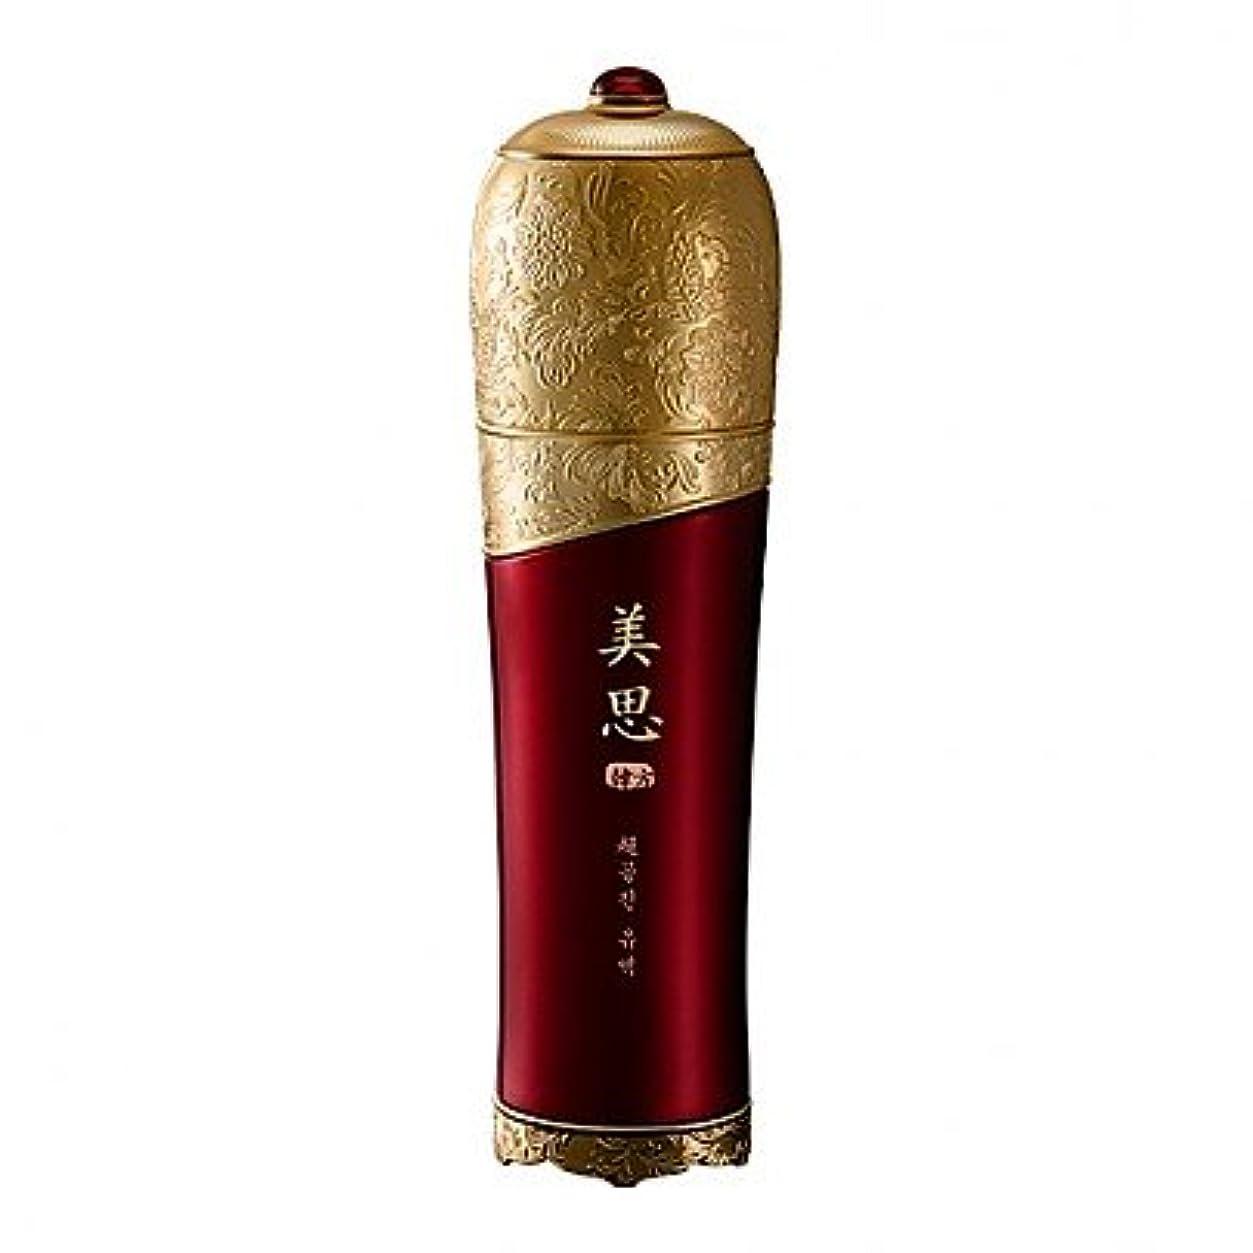 バーベキュー種をまく着るMISSHA/ミシャ チョゴンジン 乳液 (旧チョボヤン) 125ml[海外直送品]